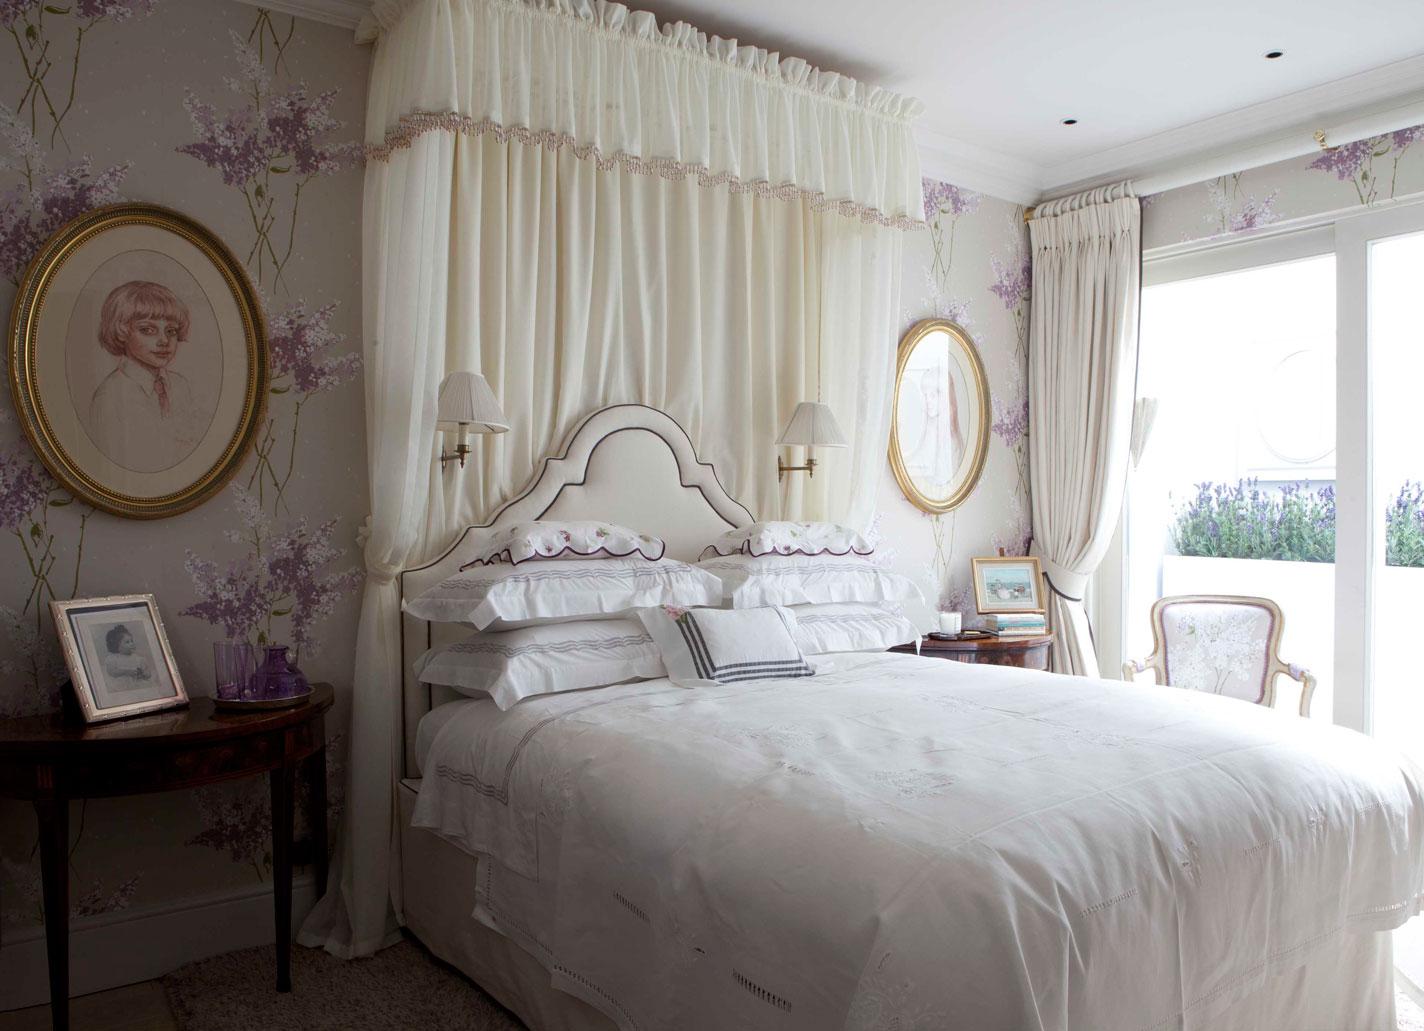 Красивая спальня в стиле прованс с цветочными обоями